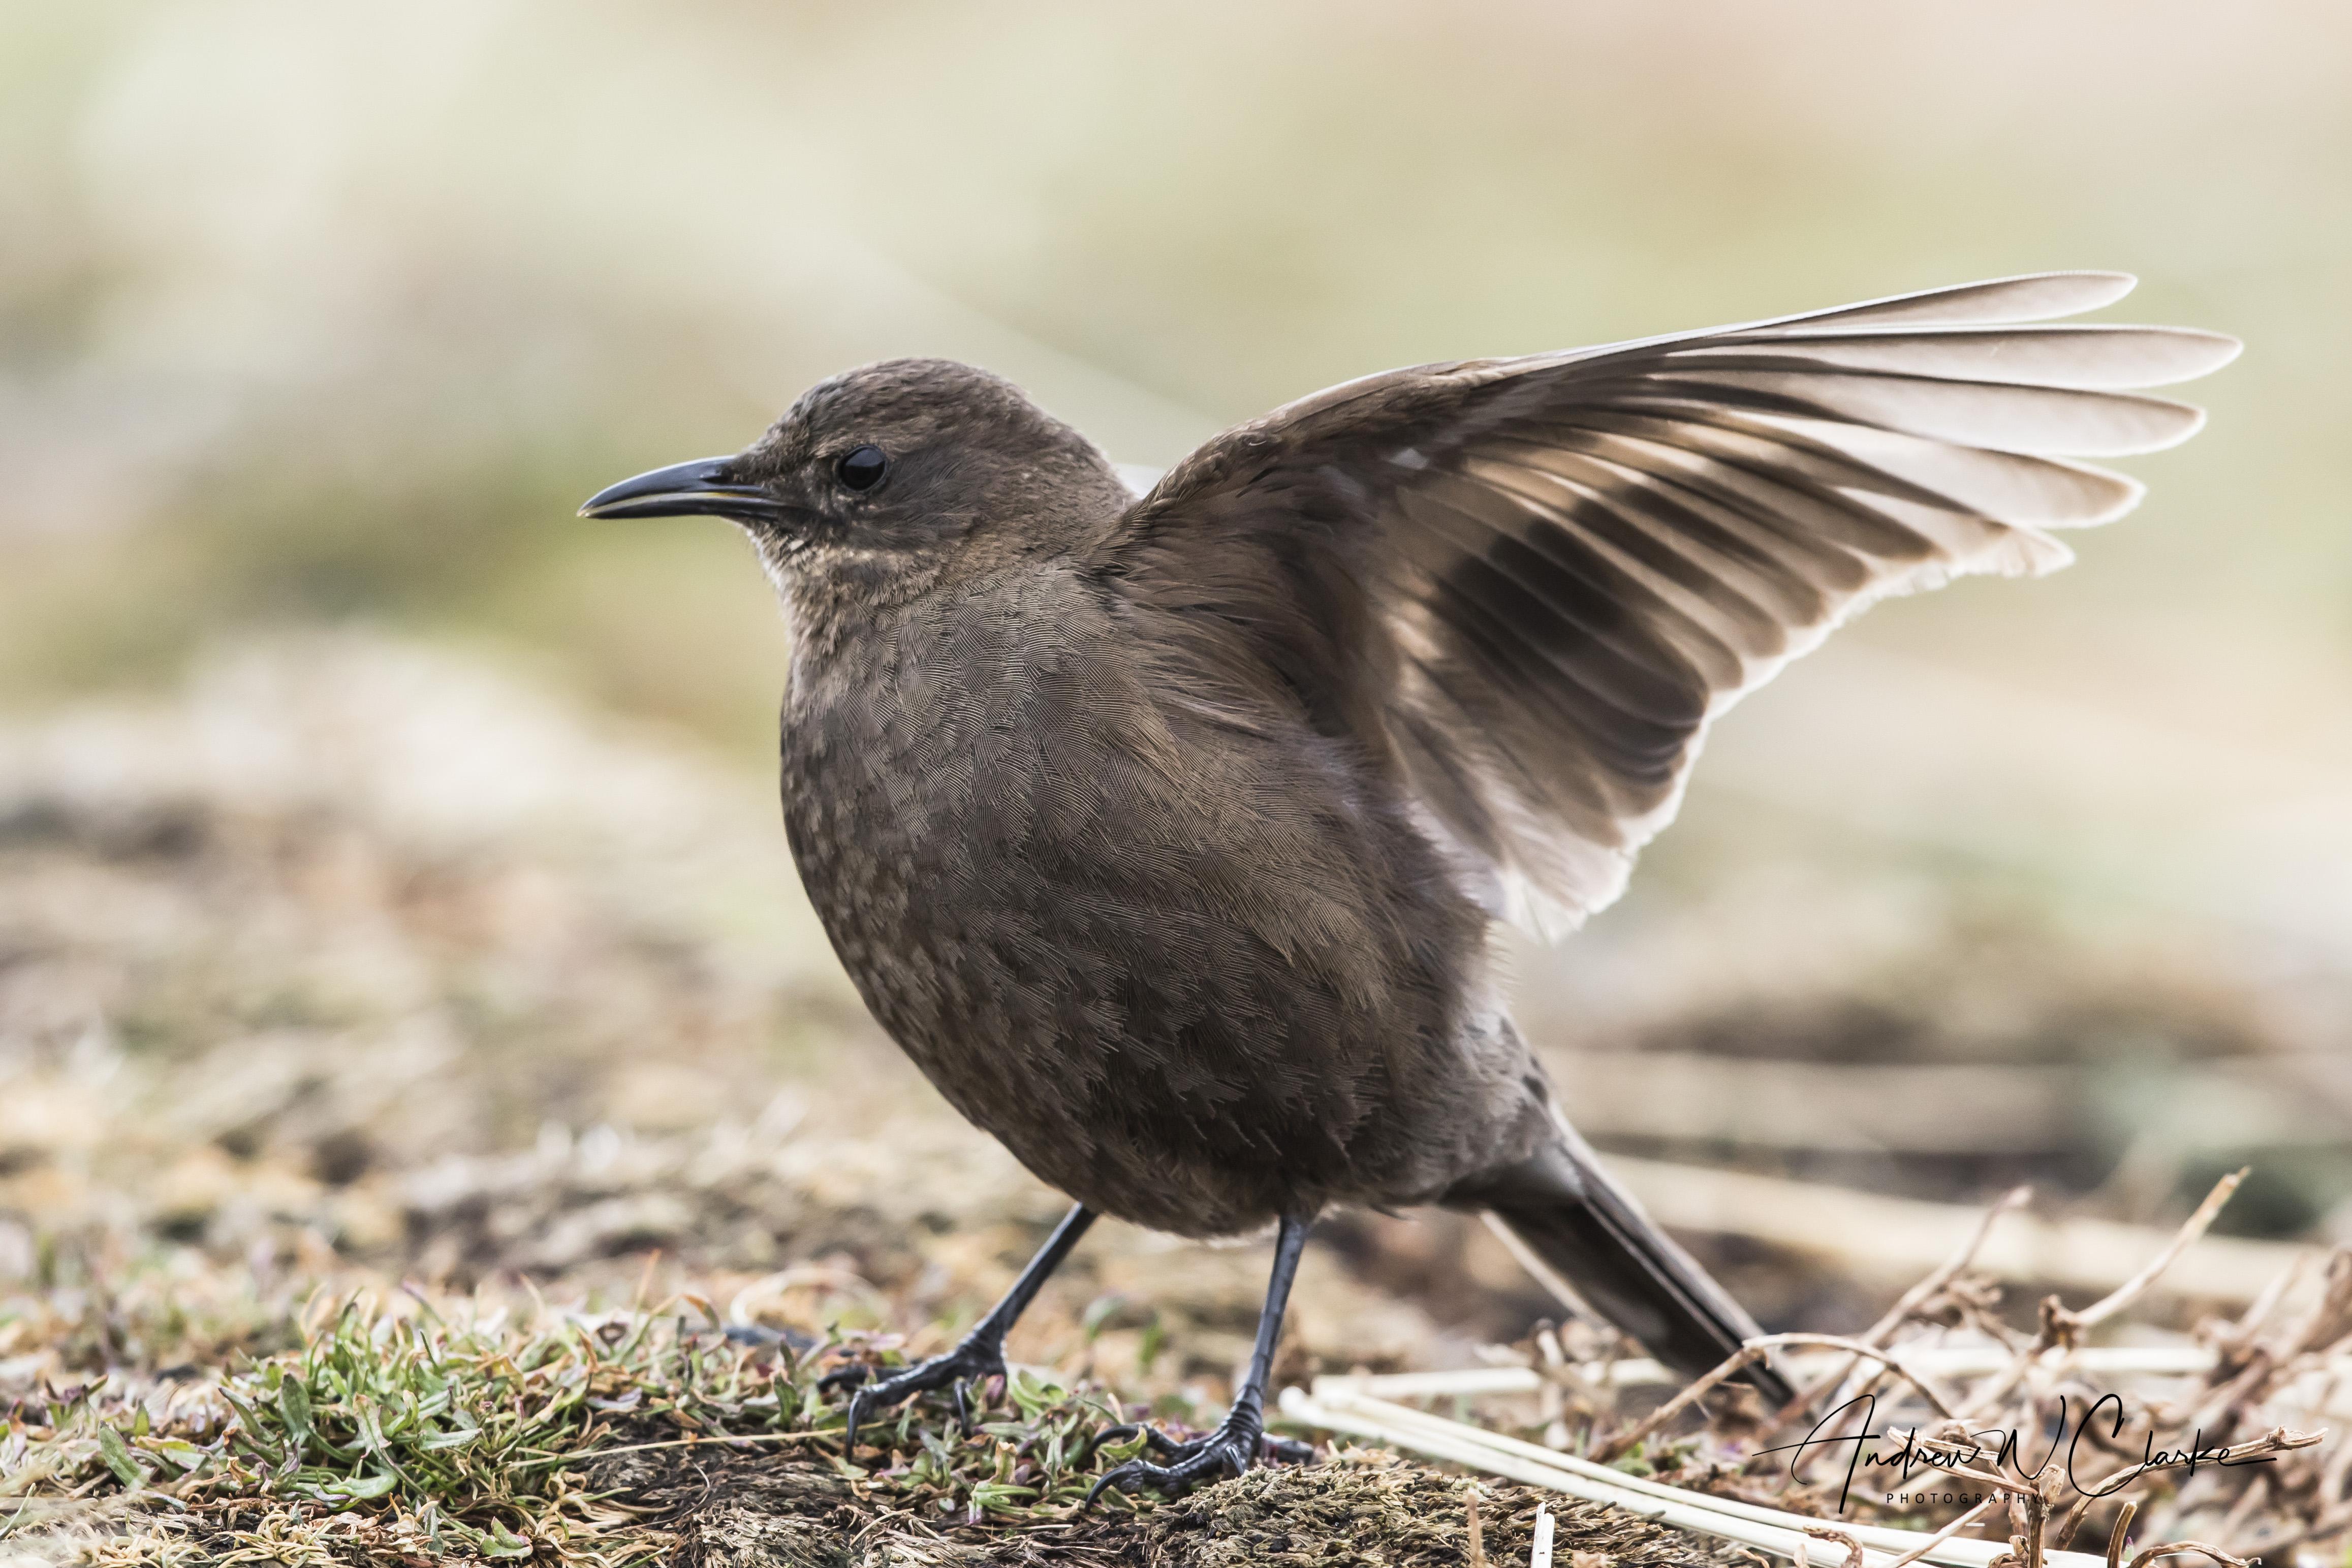 Blackish Cinclodes (Tussacbird)